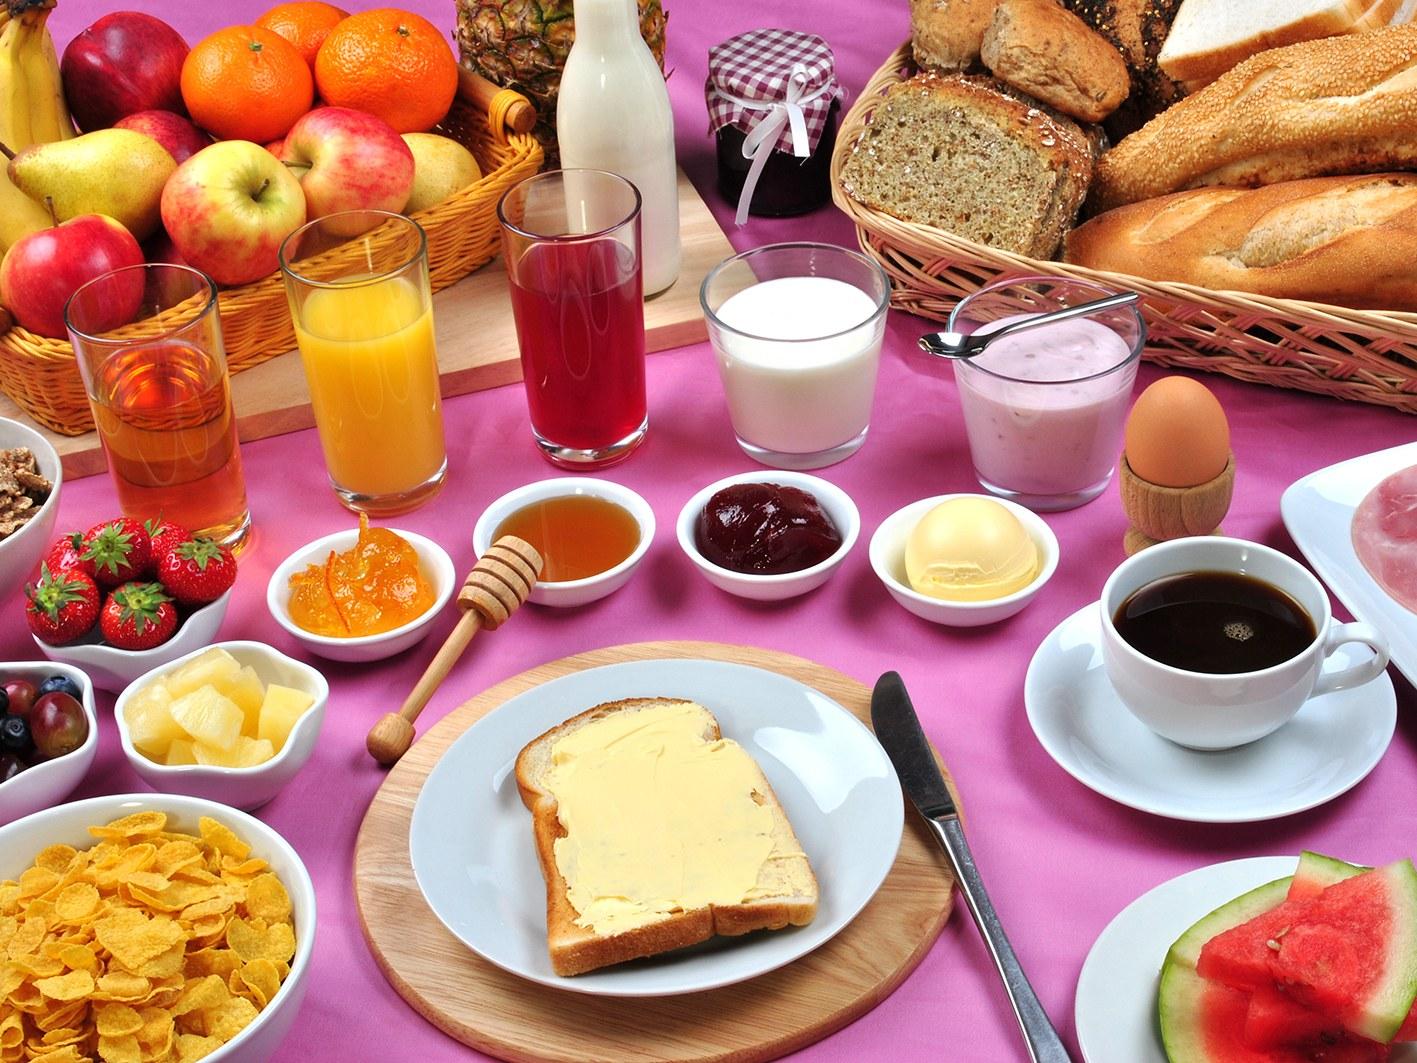 Wie ausgewogen ist ein typisches Frühstück?